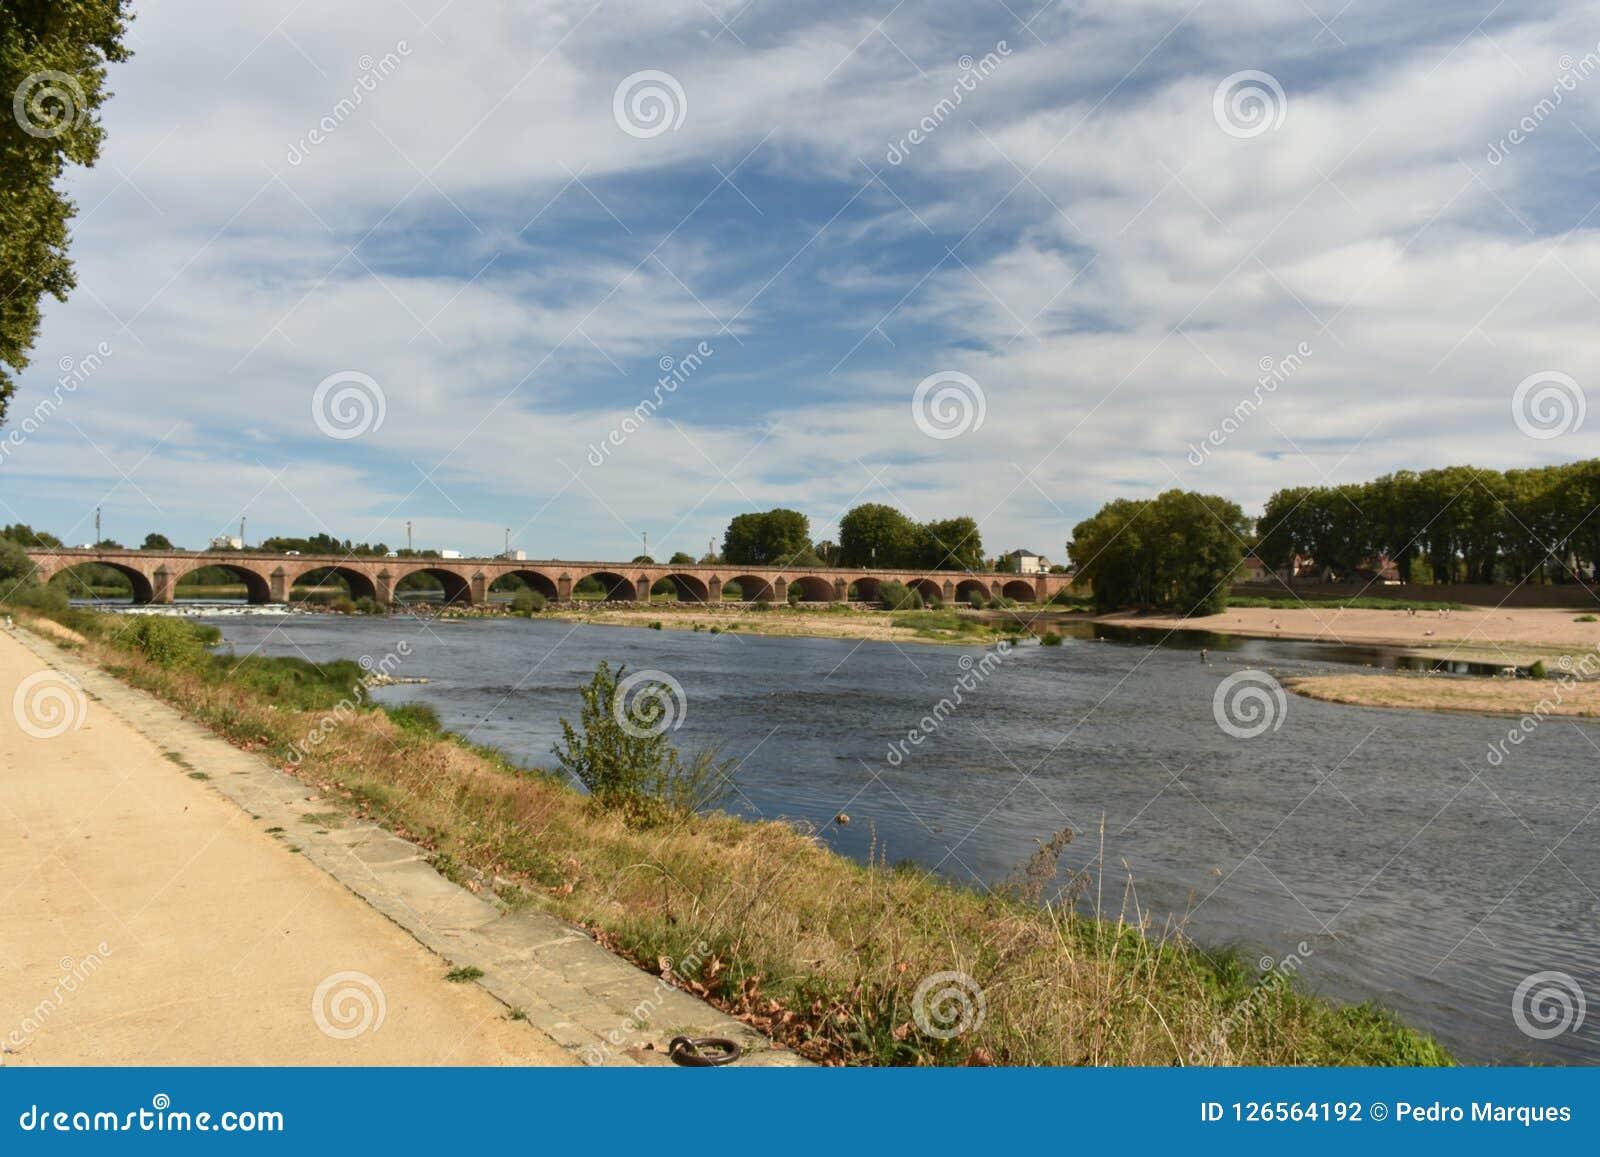 桥梁在讷韦尔-讷韦尔-法国